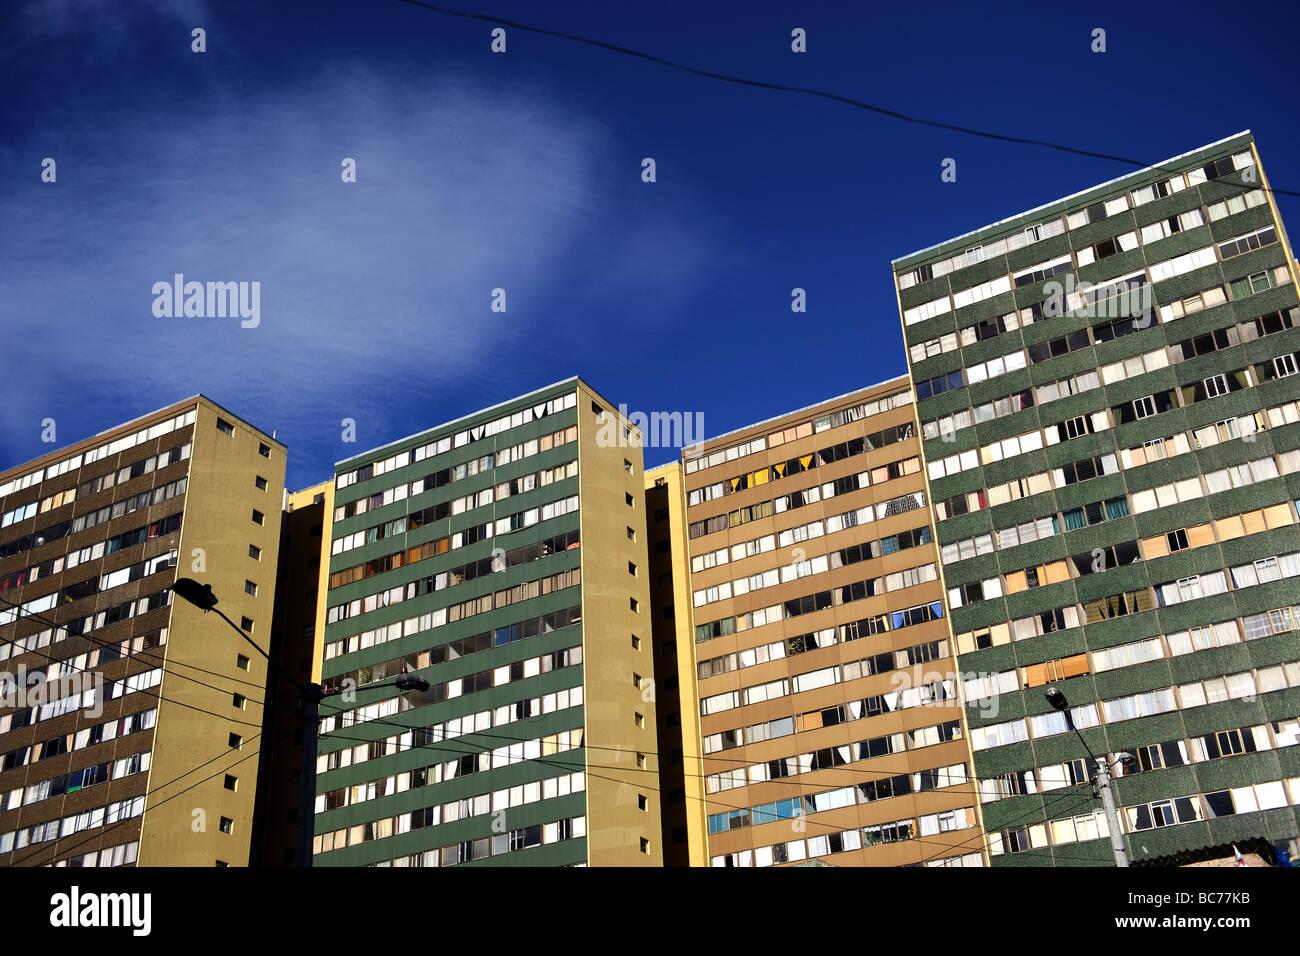 Rascacielos en el barrio de La Candelaria en Bogotá, Colombia Imagen De Stock